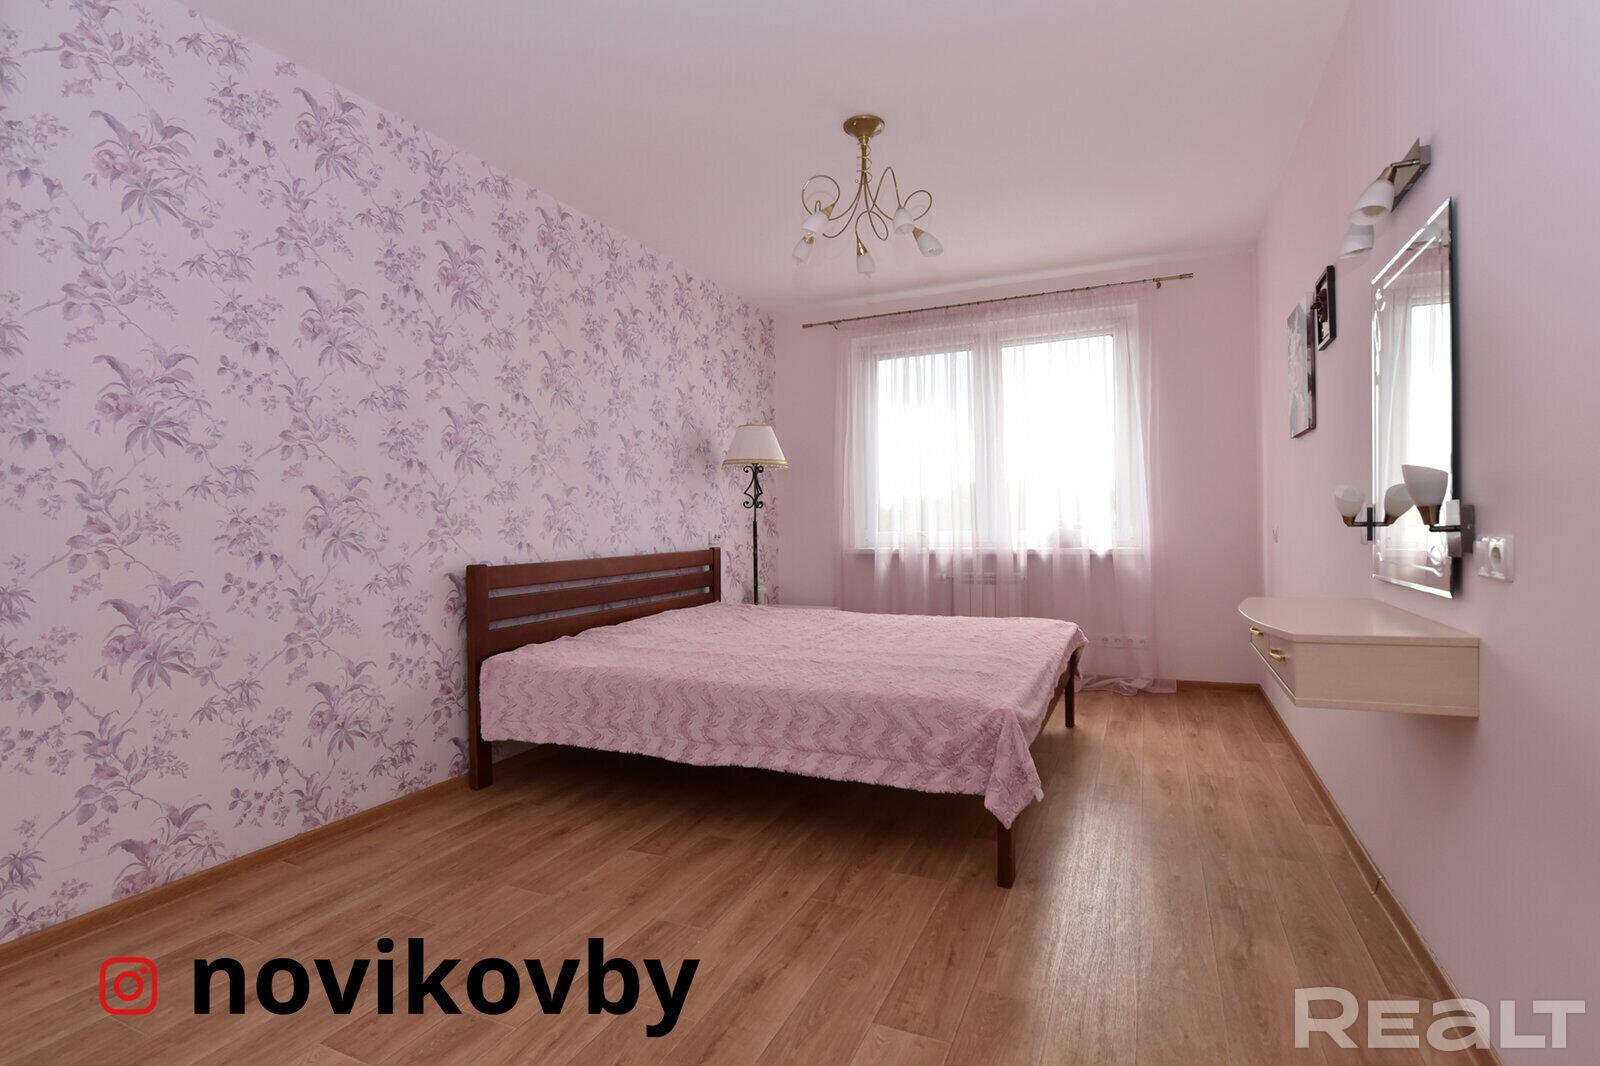 Продается 3-х комнатная квартира, Лесной - фото №3